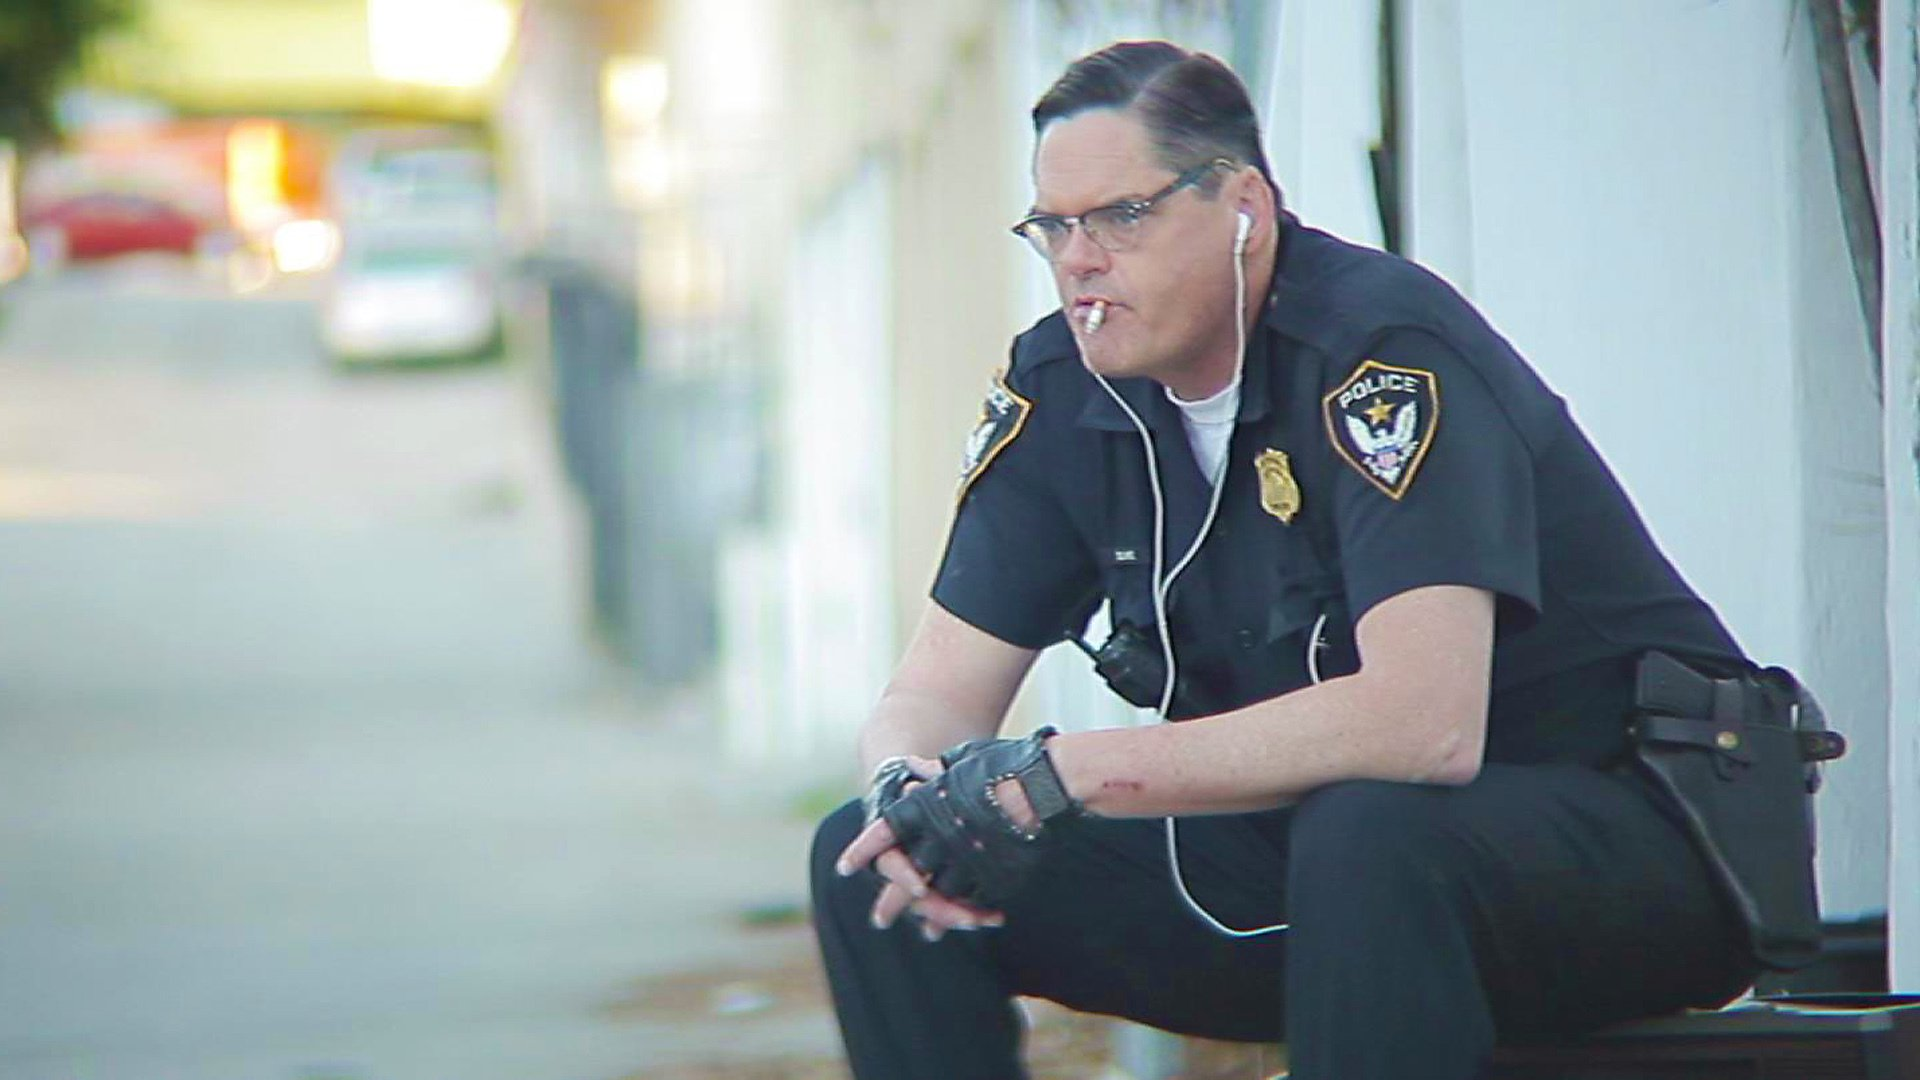 Порно полицейских смотреть онлайн